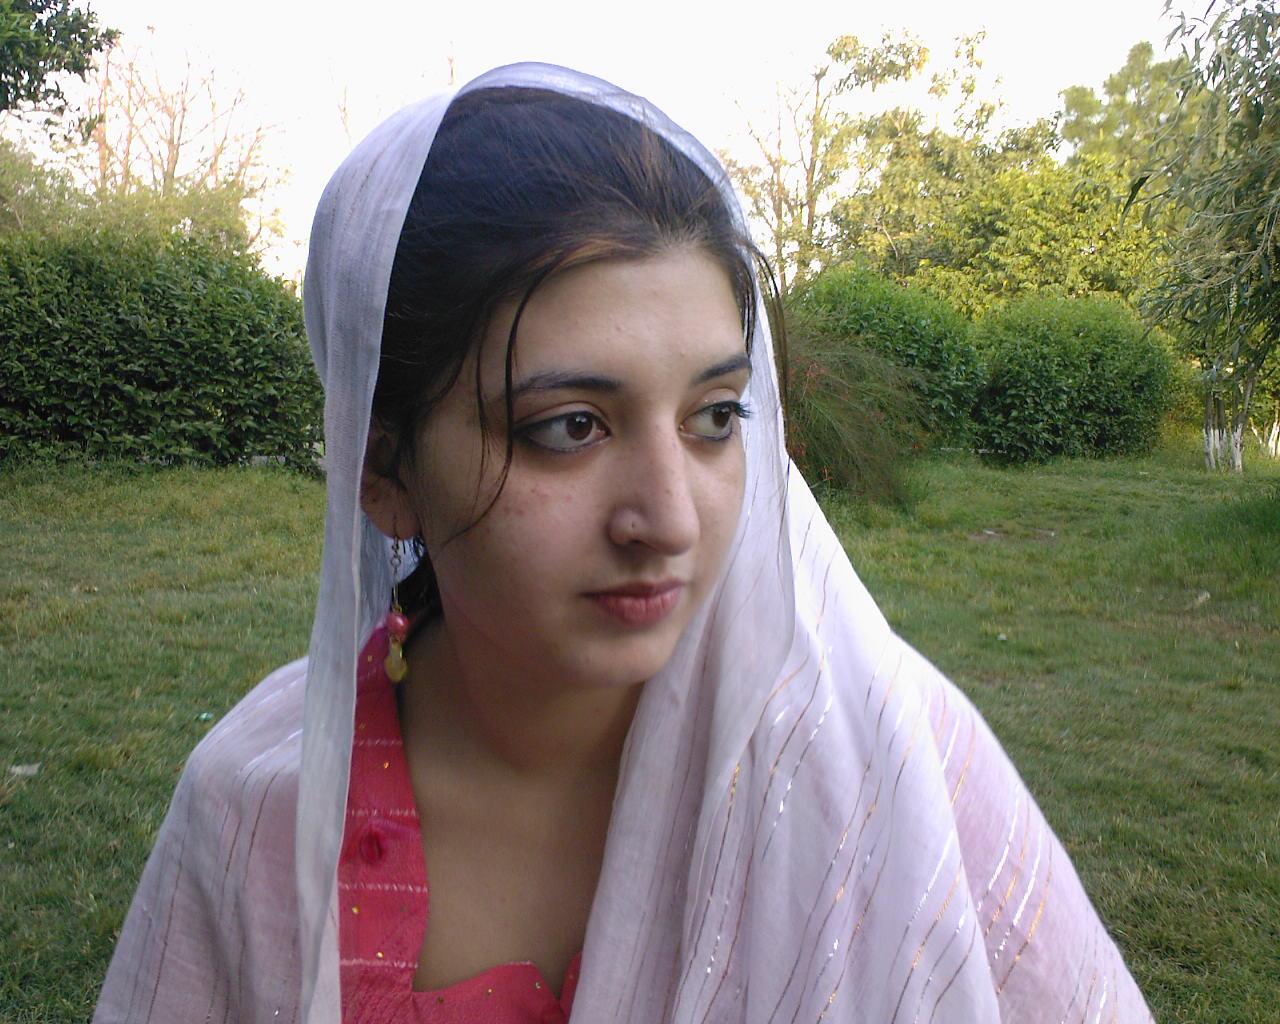 Pakistani very girls beautiful 25 Most